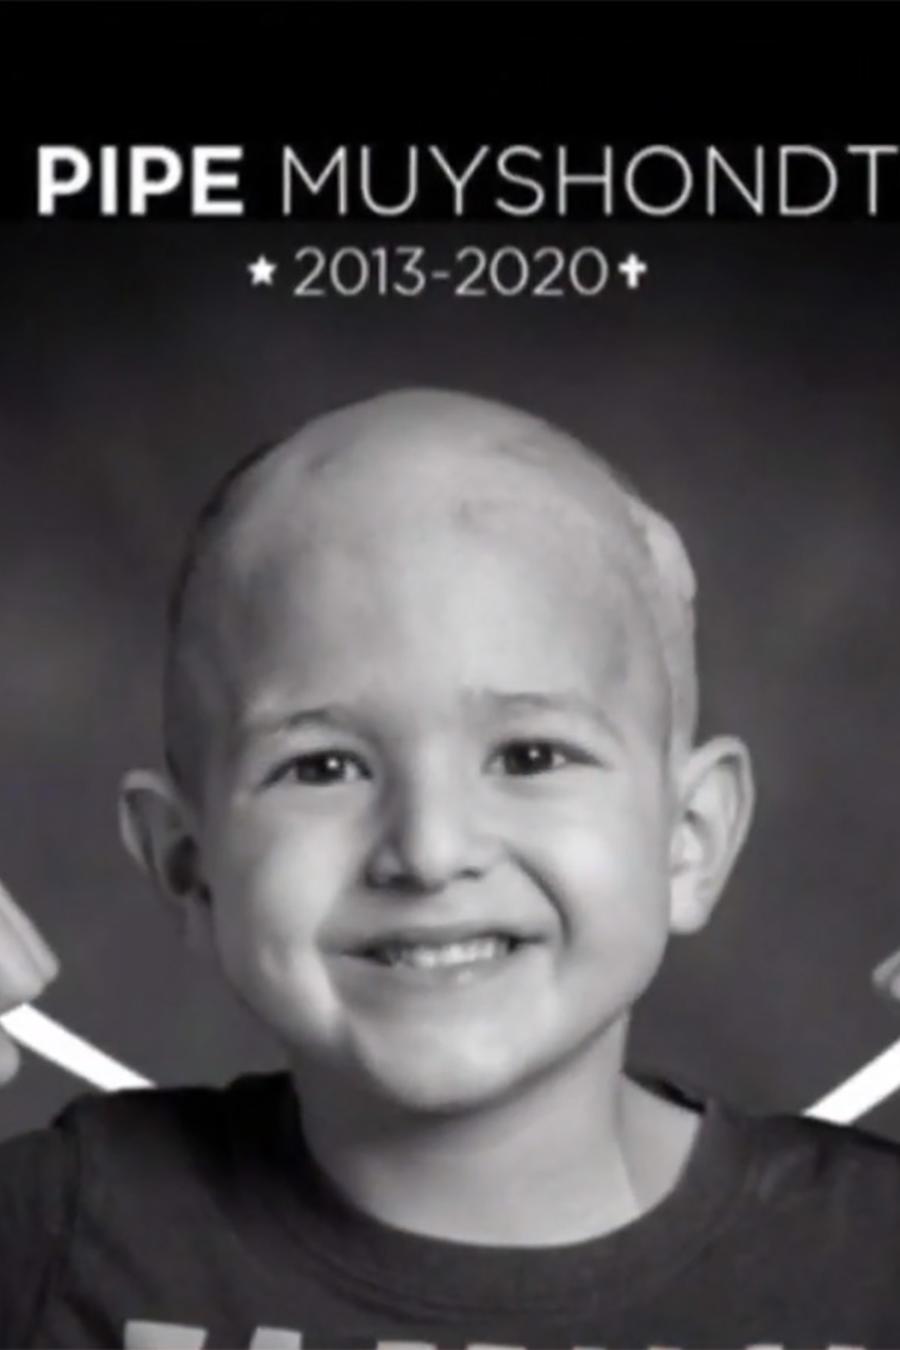 Felipe Andrés Muyshondt, el niño salvadoreño conocido como 'Pipe', perdió la batalla contra el cáncer en el Hospital de Houston.